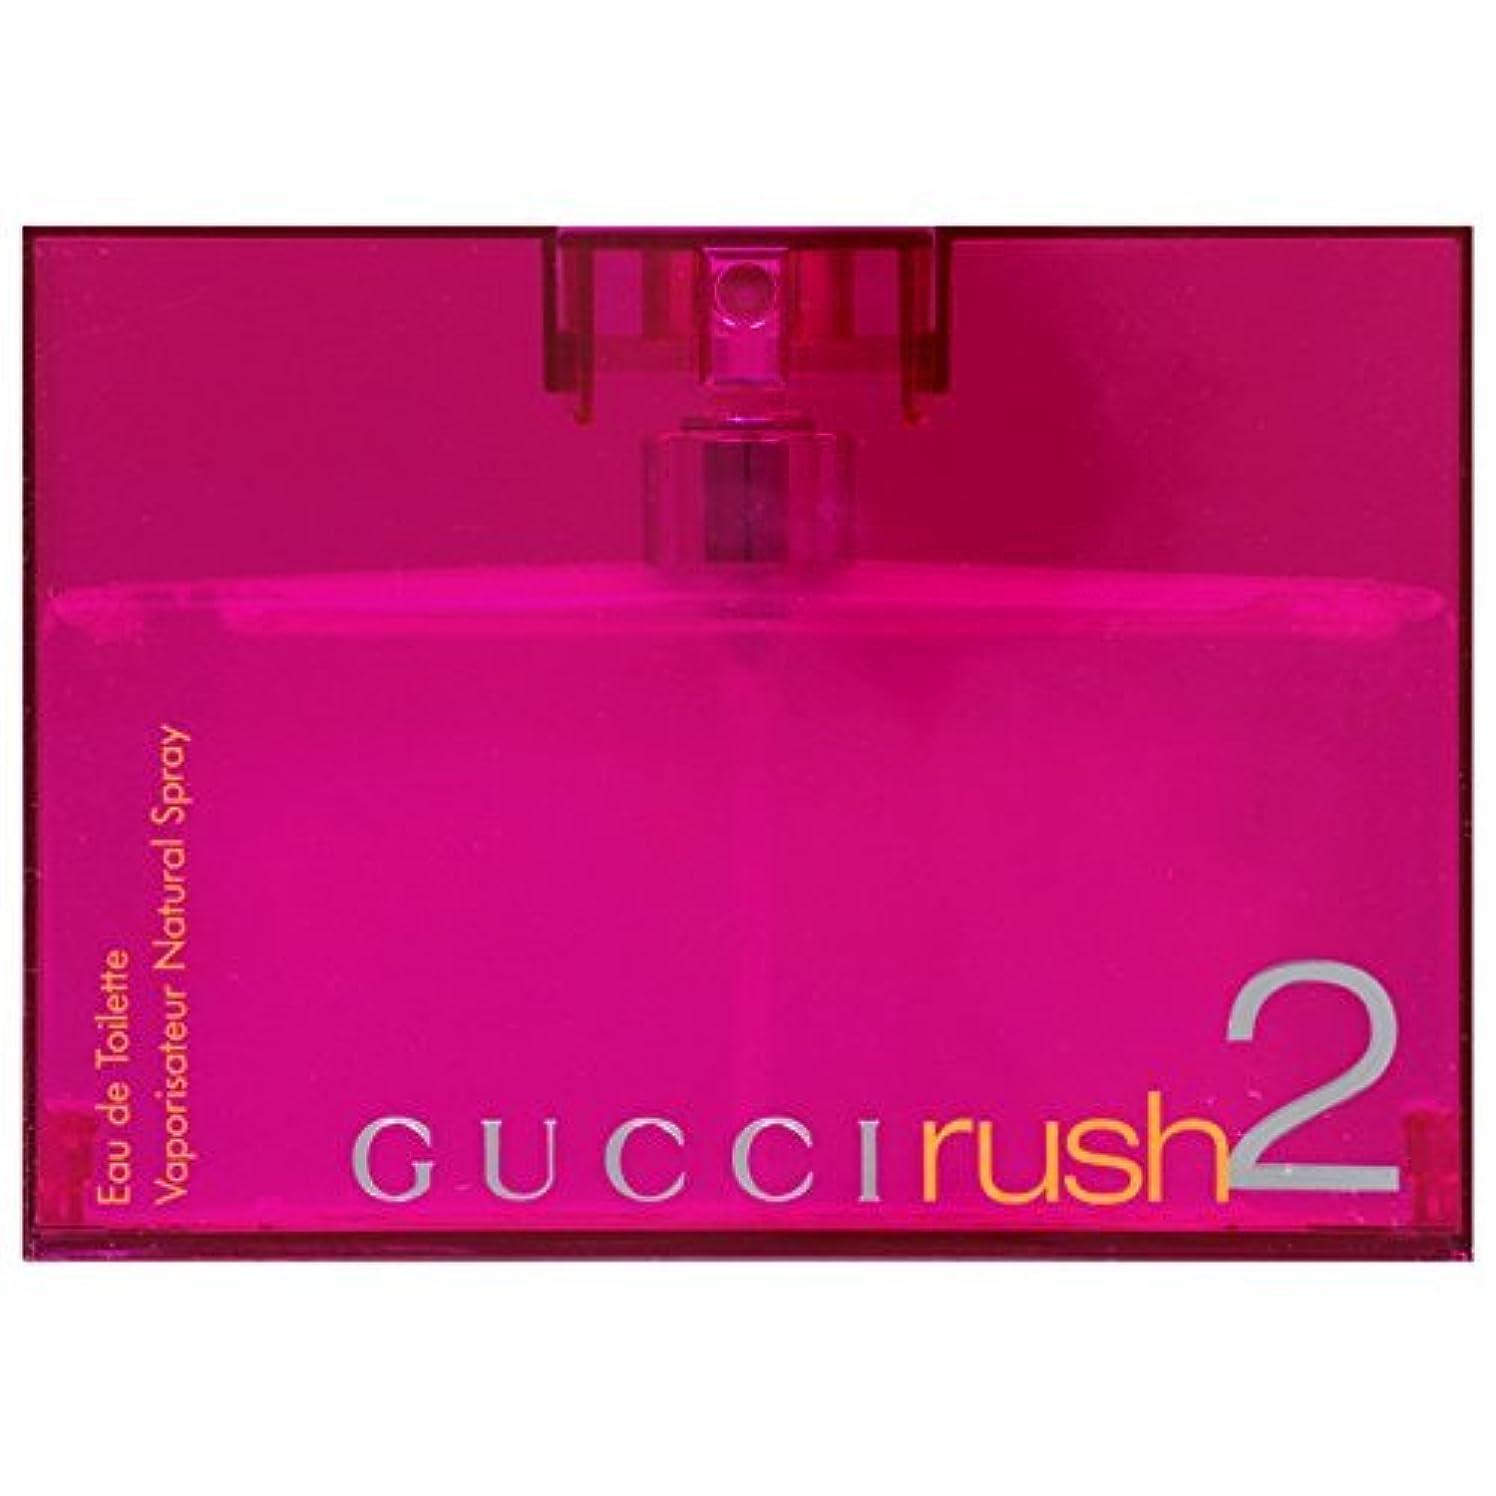 ステープル二年生簡単なグッチ ラッシュ2オードトワレスプレーEDT30ml GUCCI RUSH2 EDT